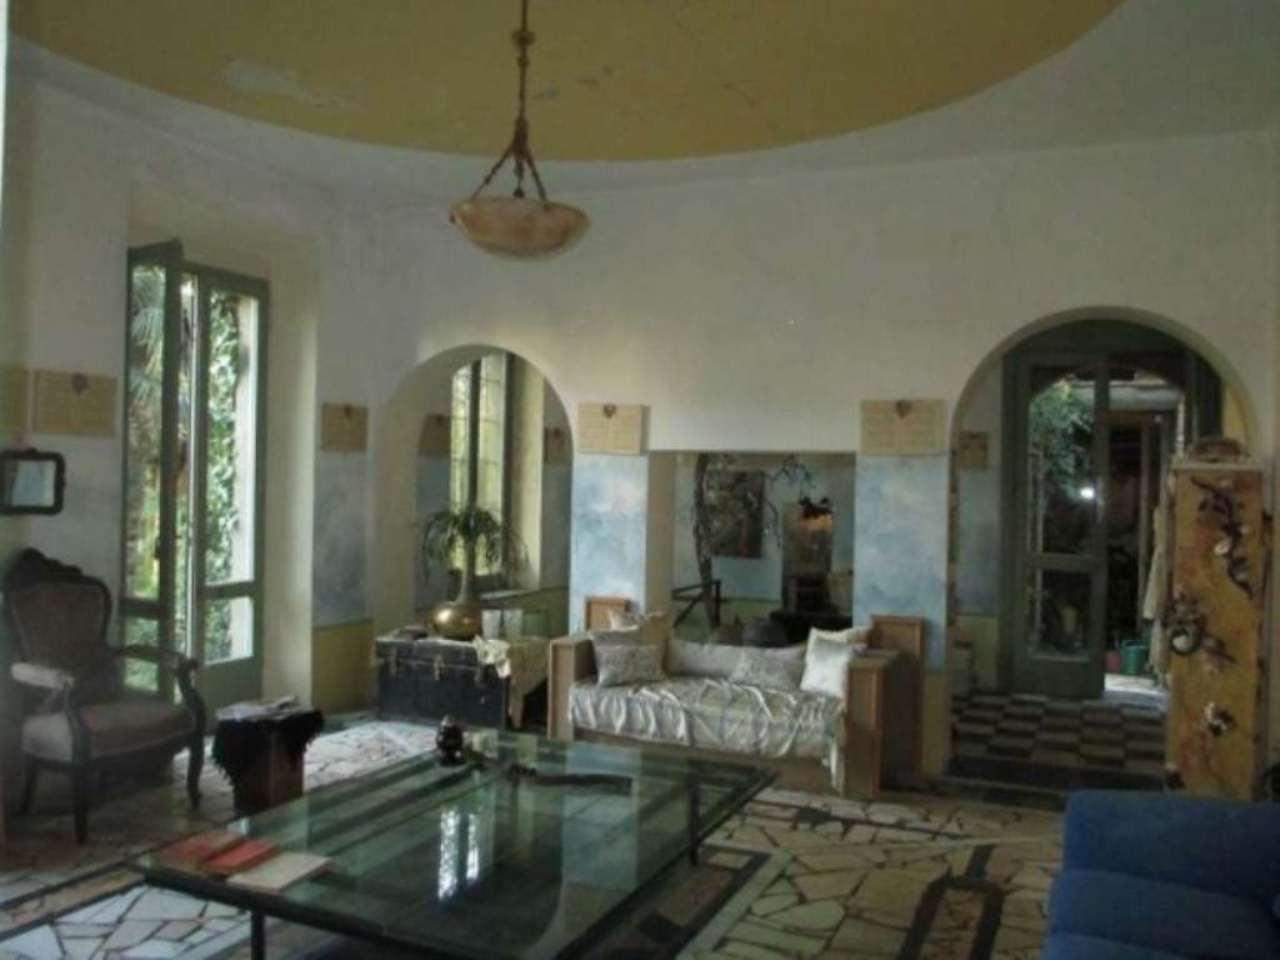 Palazzo / Stabile in vendita a Annicco, 6 locali, prezzo € 250.000 | CambioCasa.it